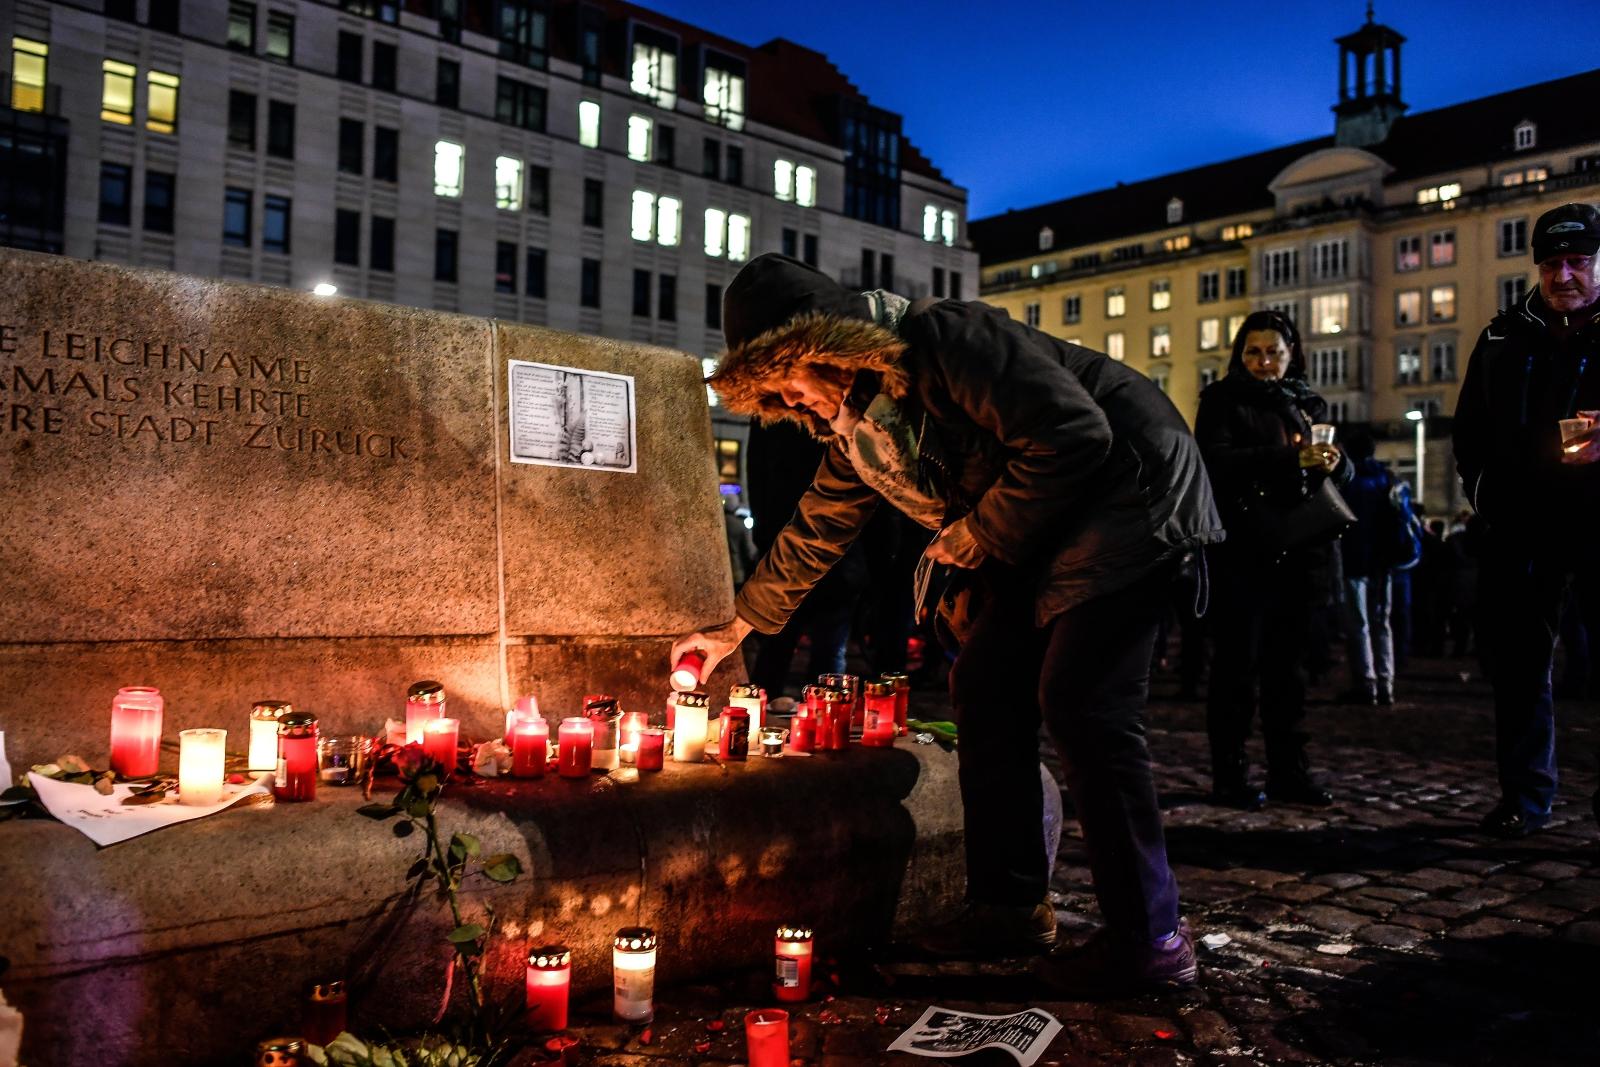 Kobieta zapala świeczkę upamiętniając zniszczenie Drezna w czasie II Wojny Światowej. Akcję zorganizowała prawicowa partia AFD.